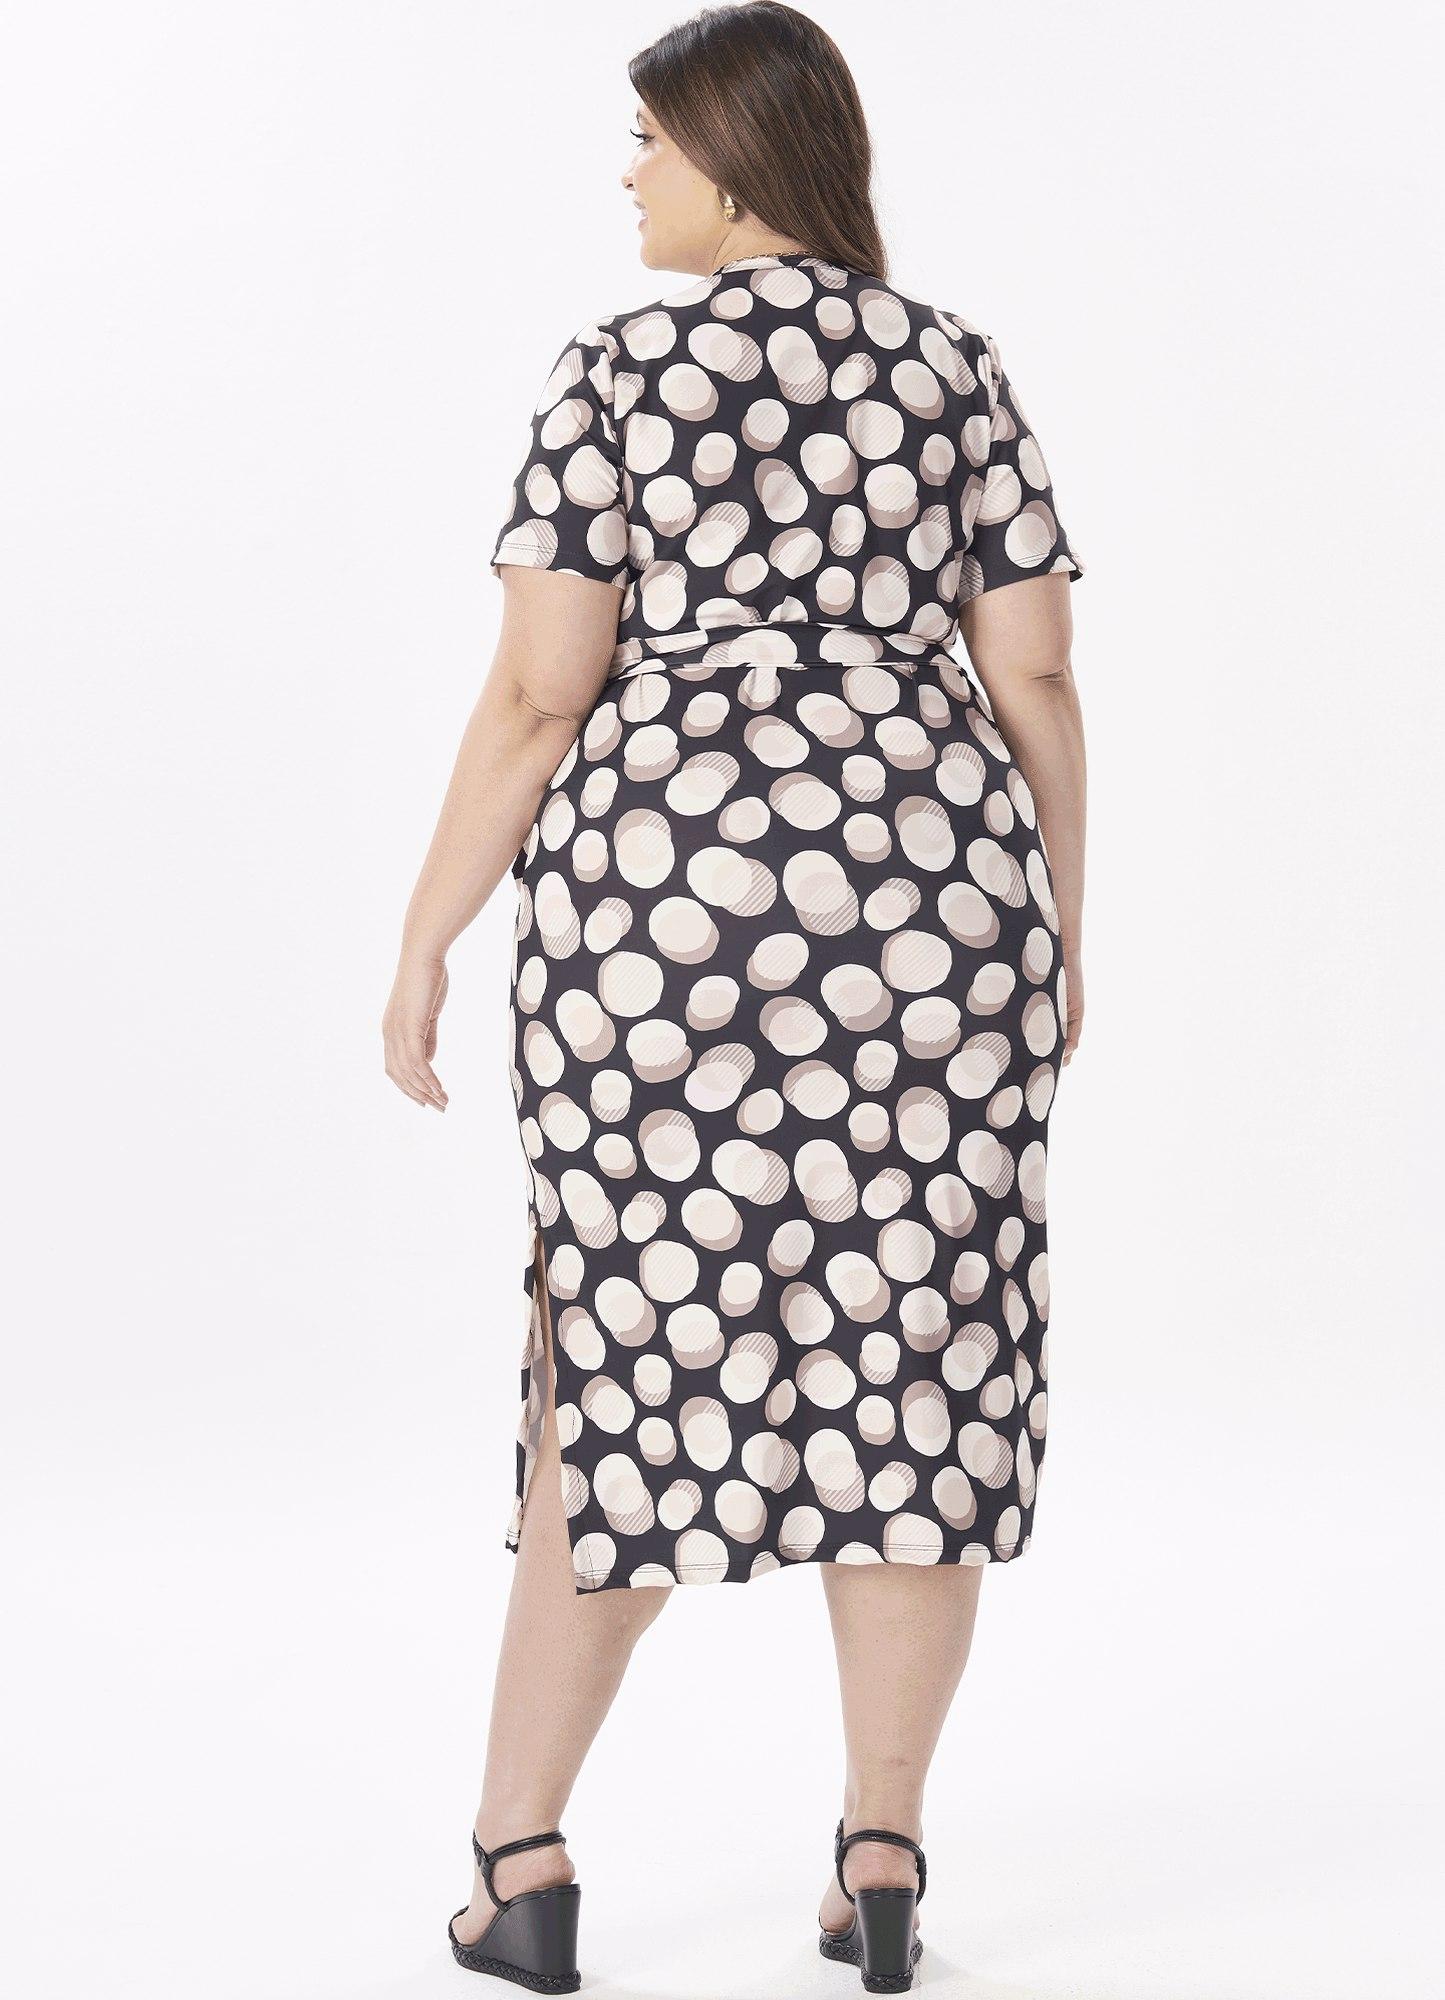 Vestido Feminino Midi Malha Estampado Racha Lateral